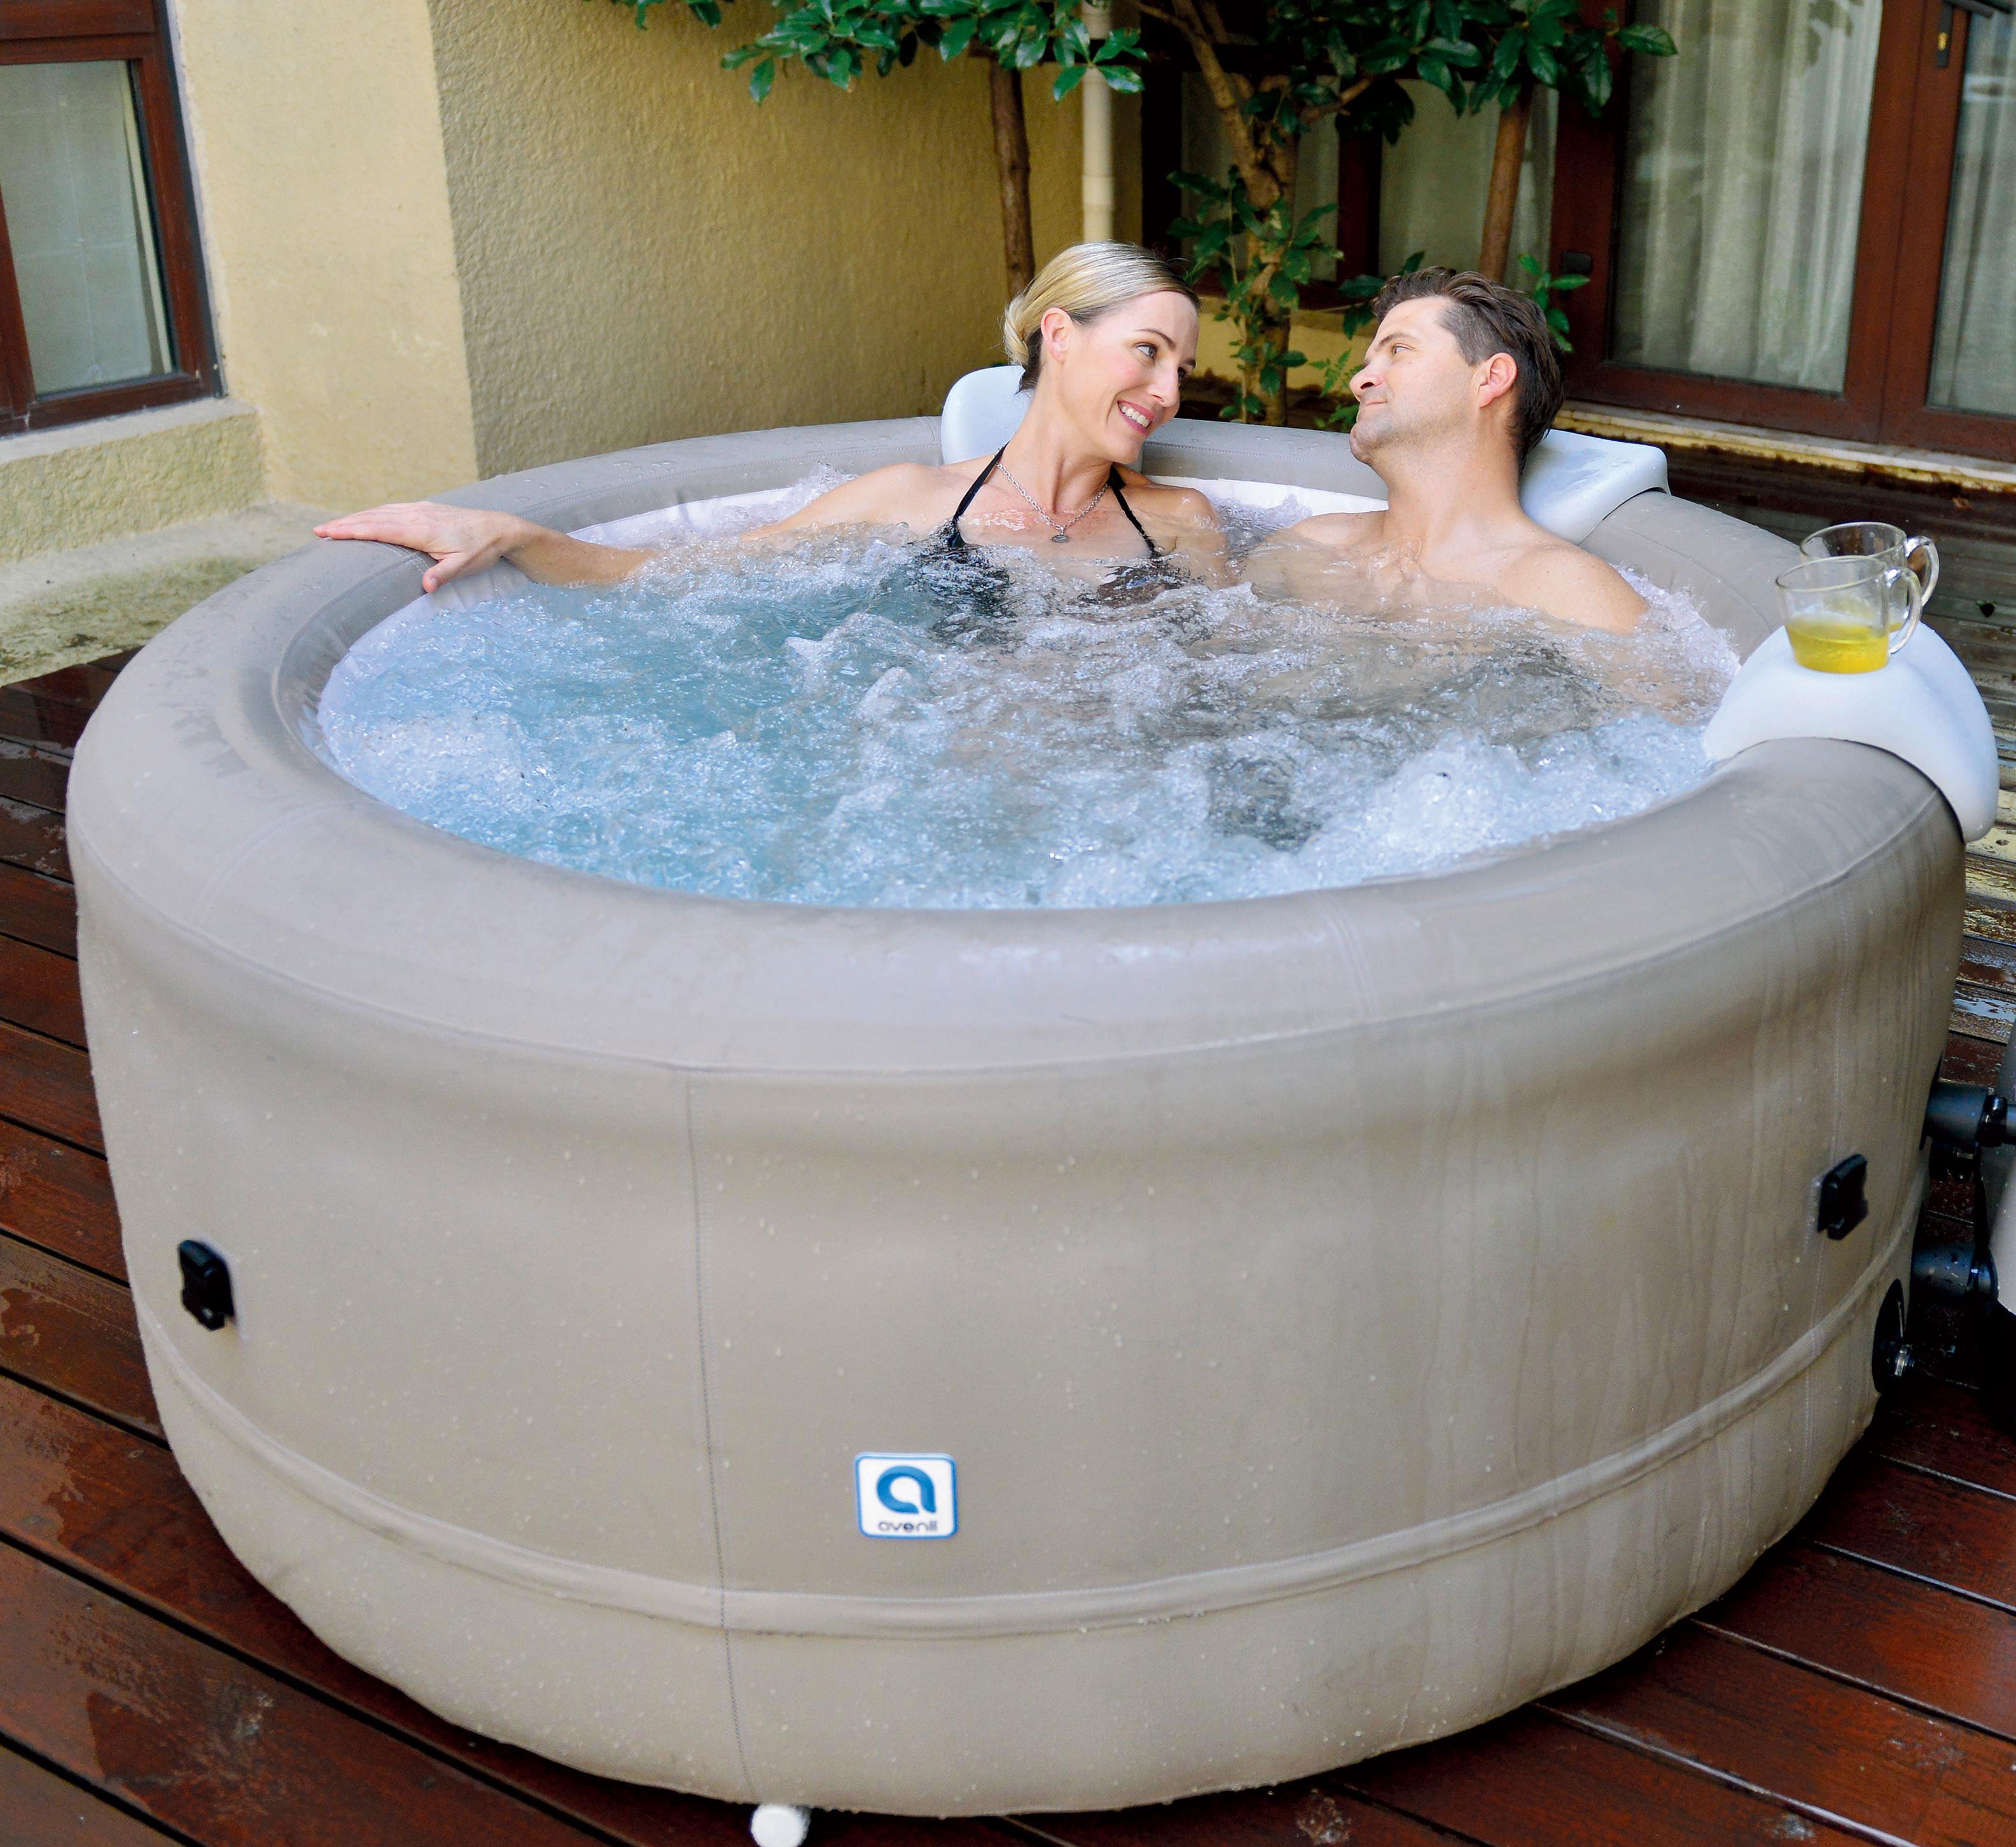 Piscinex spa spa avenli rotorua 3 personnes destockage - Destockage spa gonflable ...